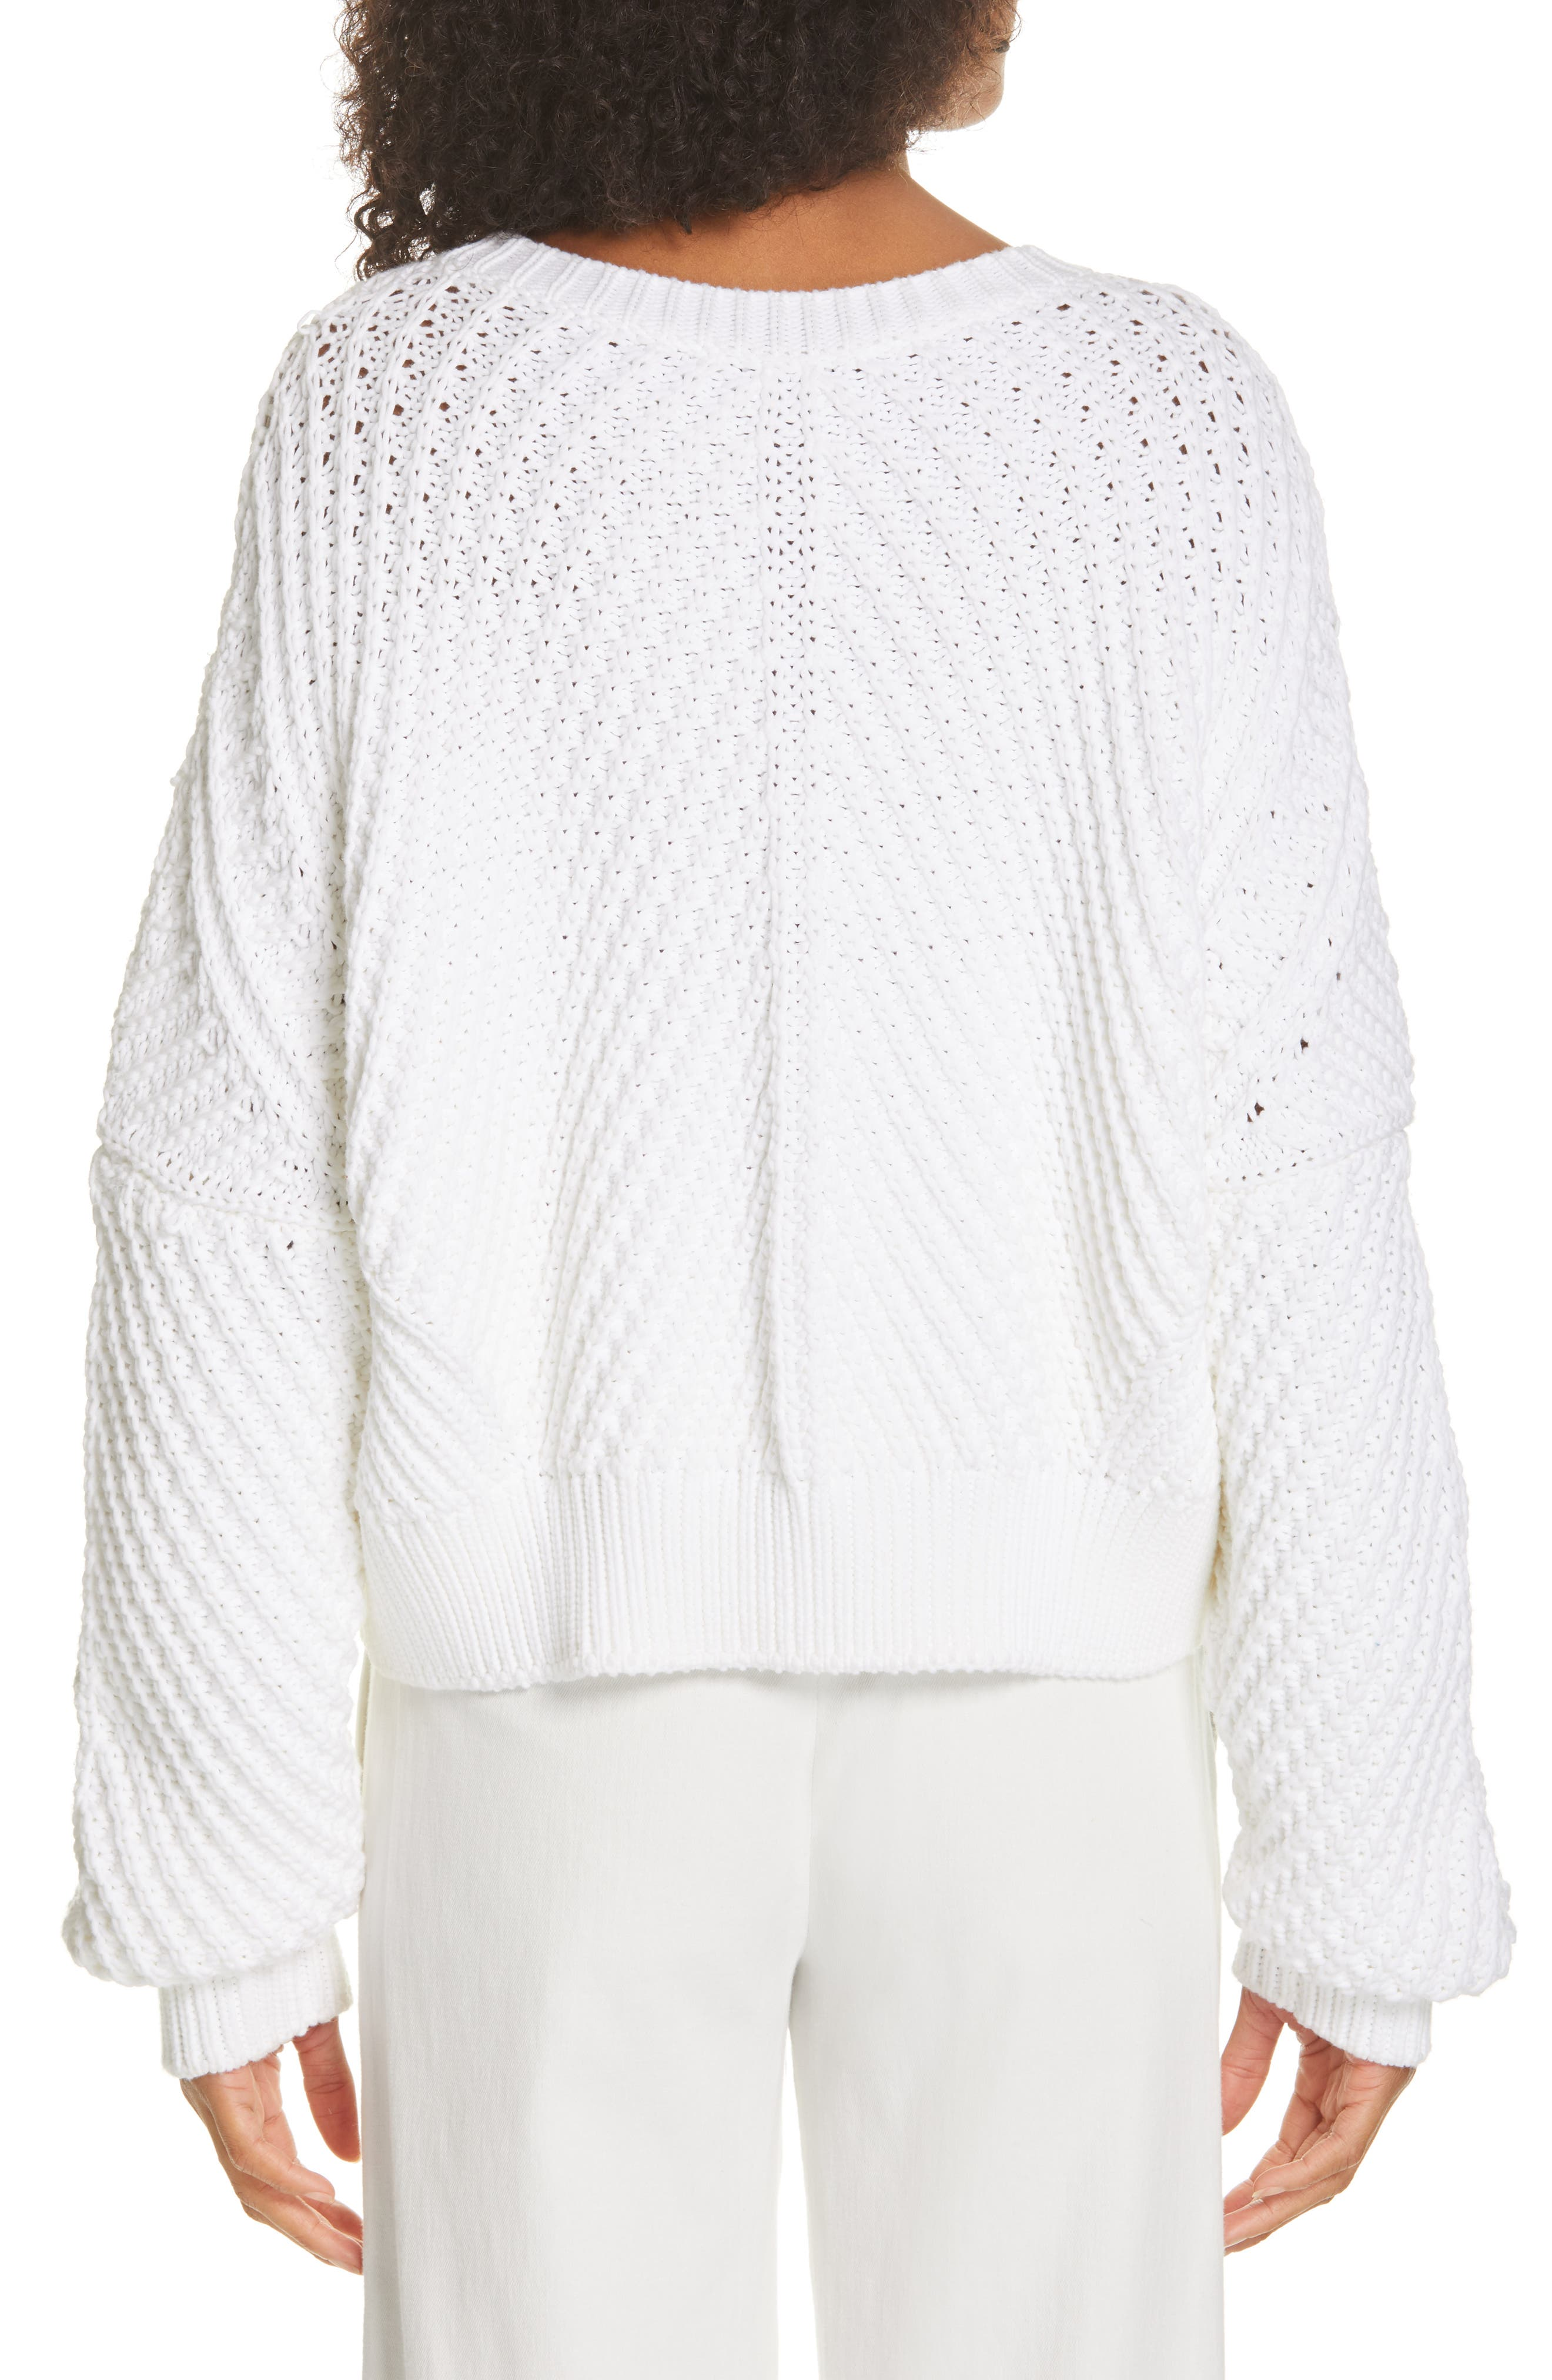 VINCE, Rib Knit Sweater, Alternate thumbnail 2, color, OPTIC WHITE